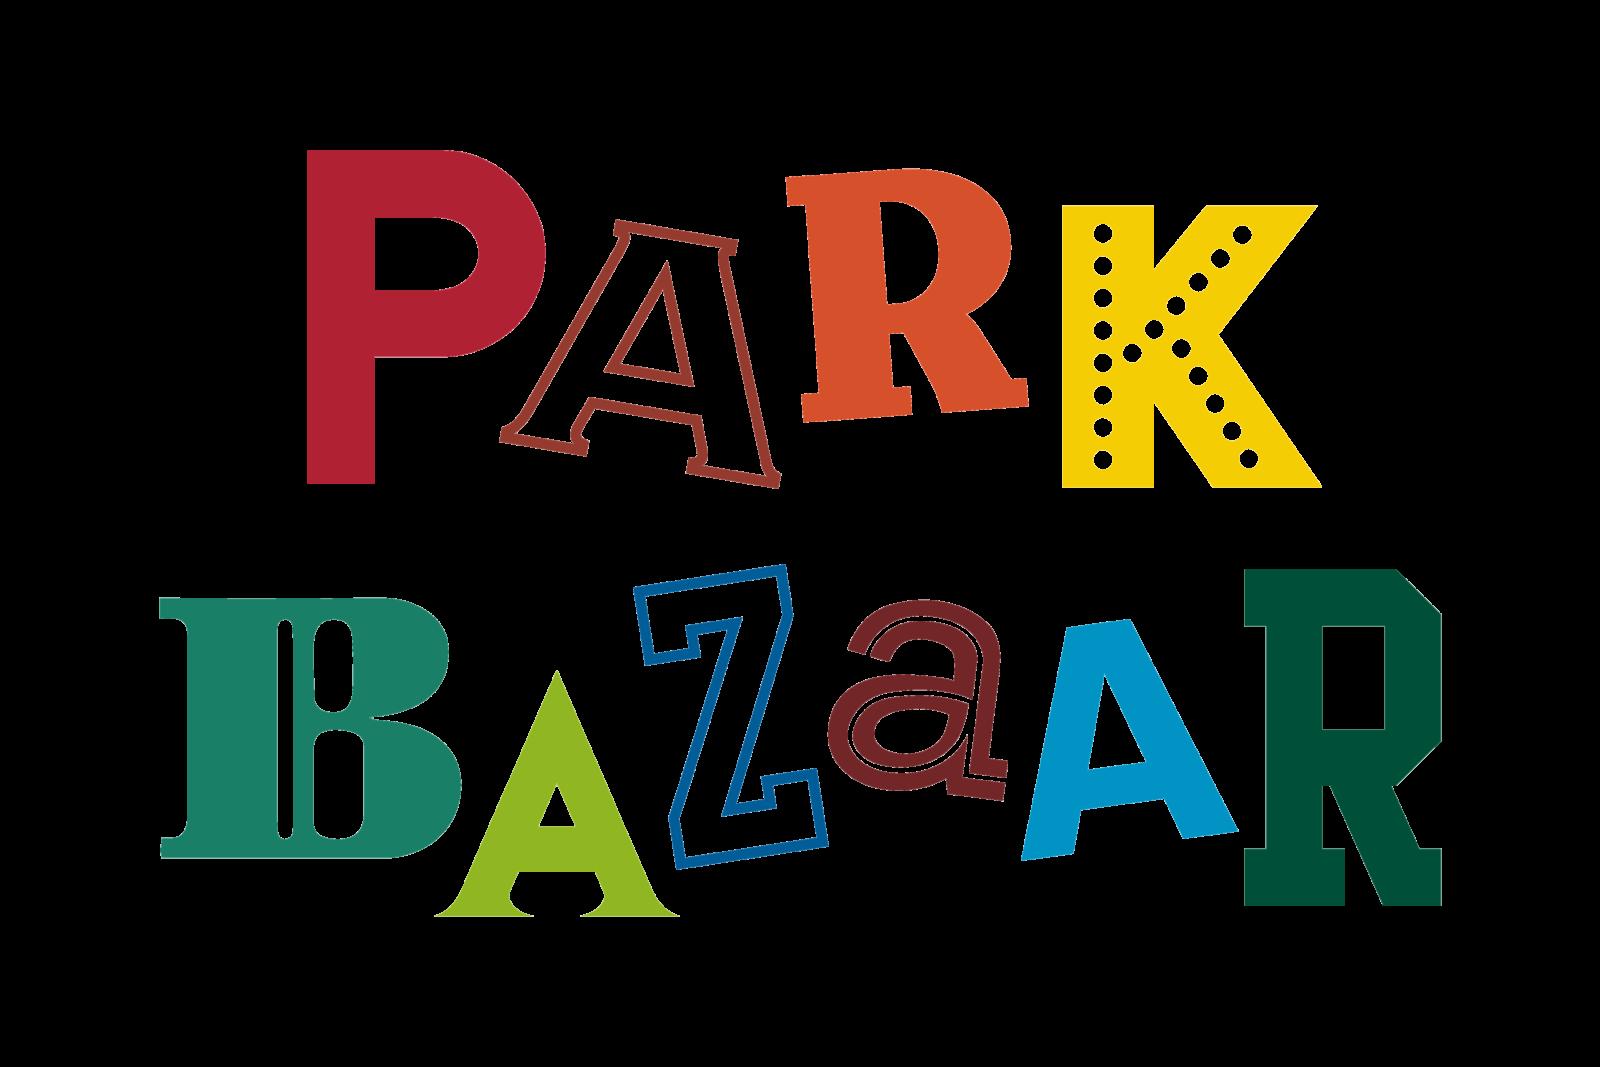 個性的な4ショップが集結!フードホール『PARK BAZAAR』、ルミネエスト新宿8Fに12月19日(木)NEW OPEN!<br><br>/PARK BAZAAR